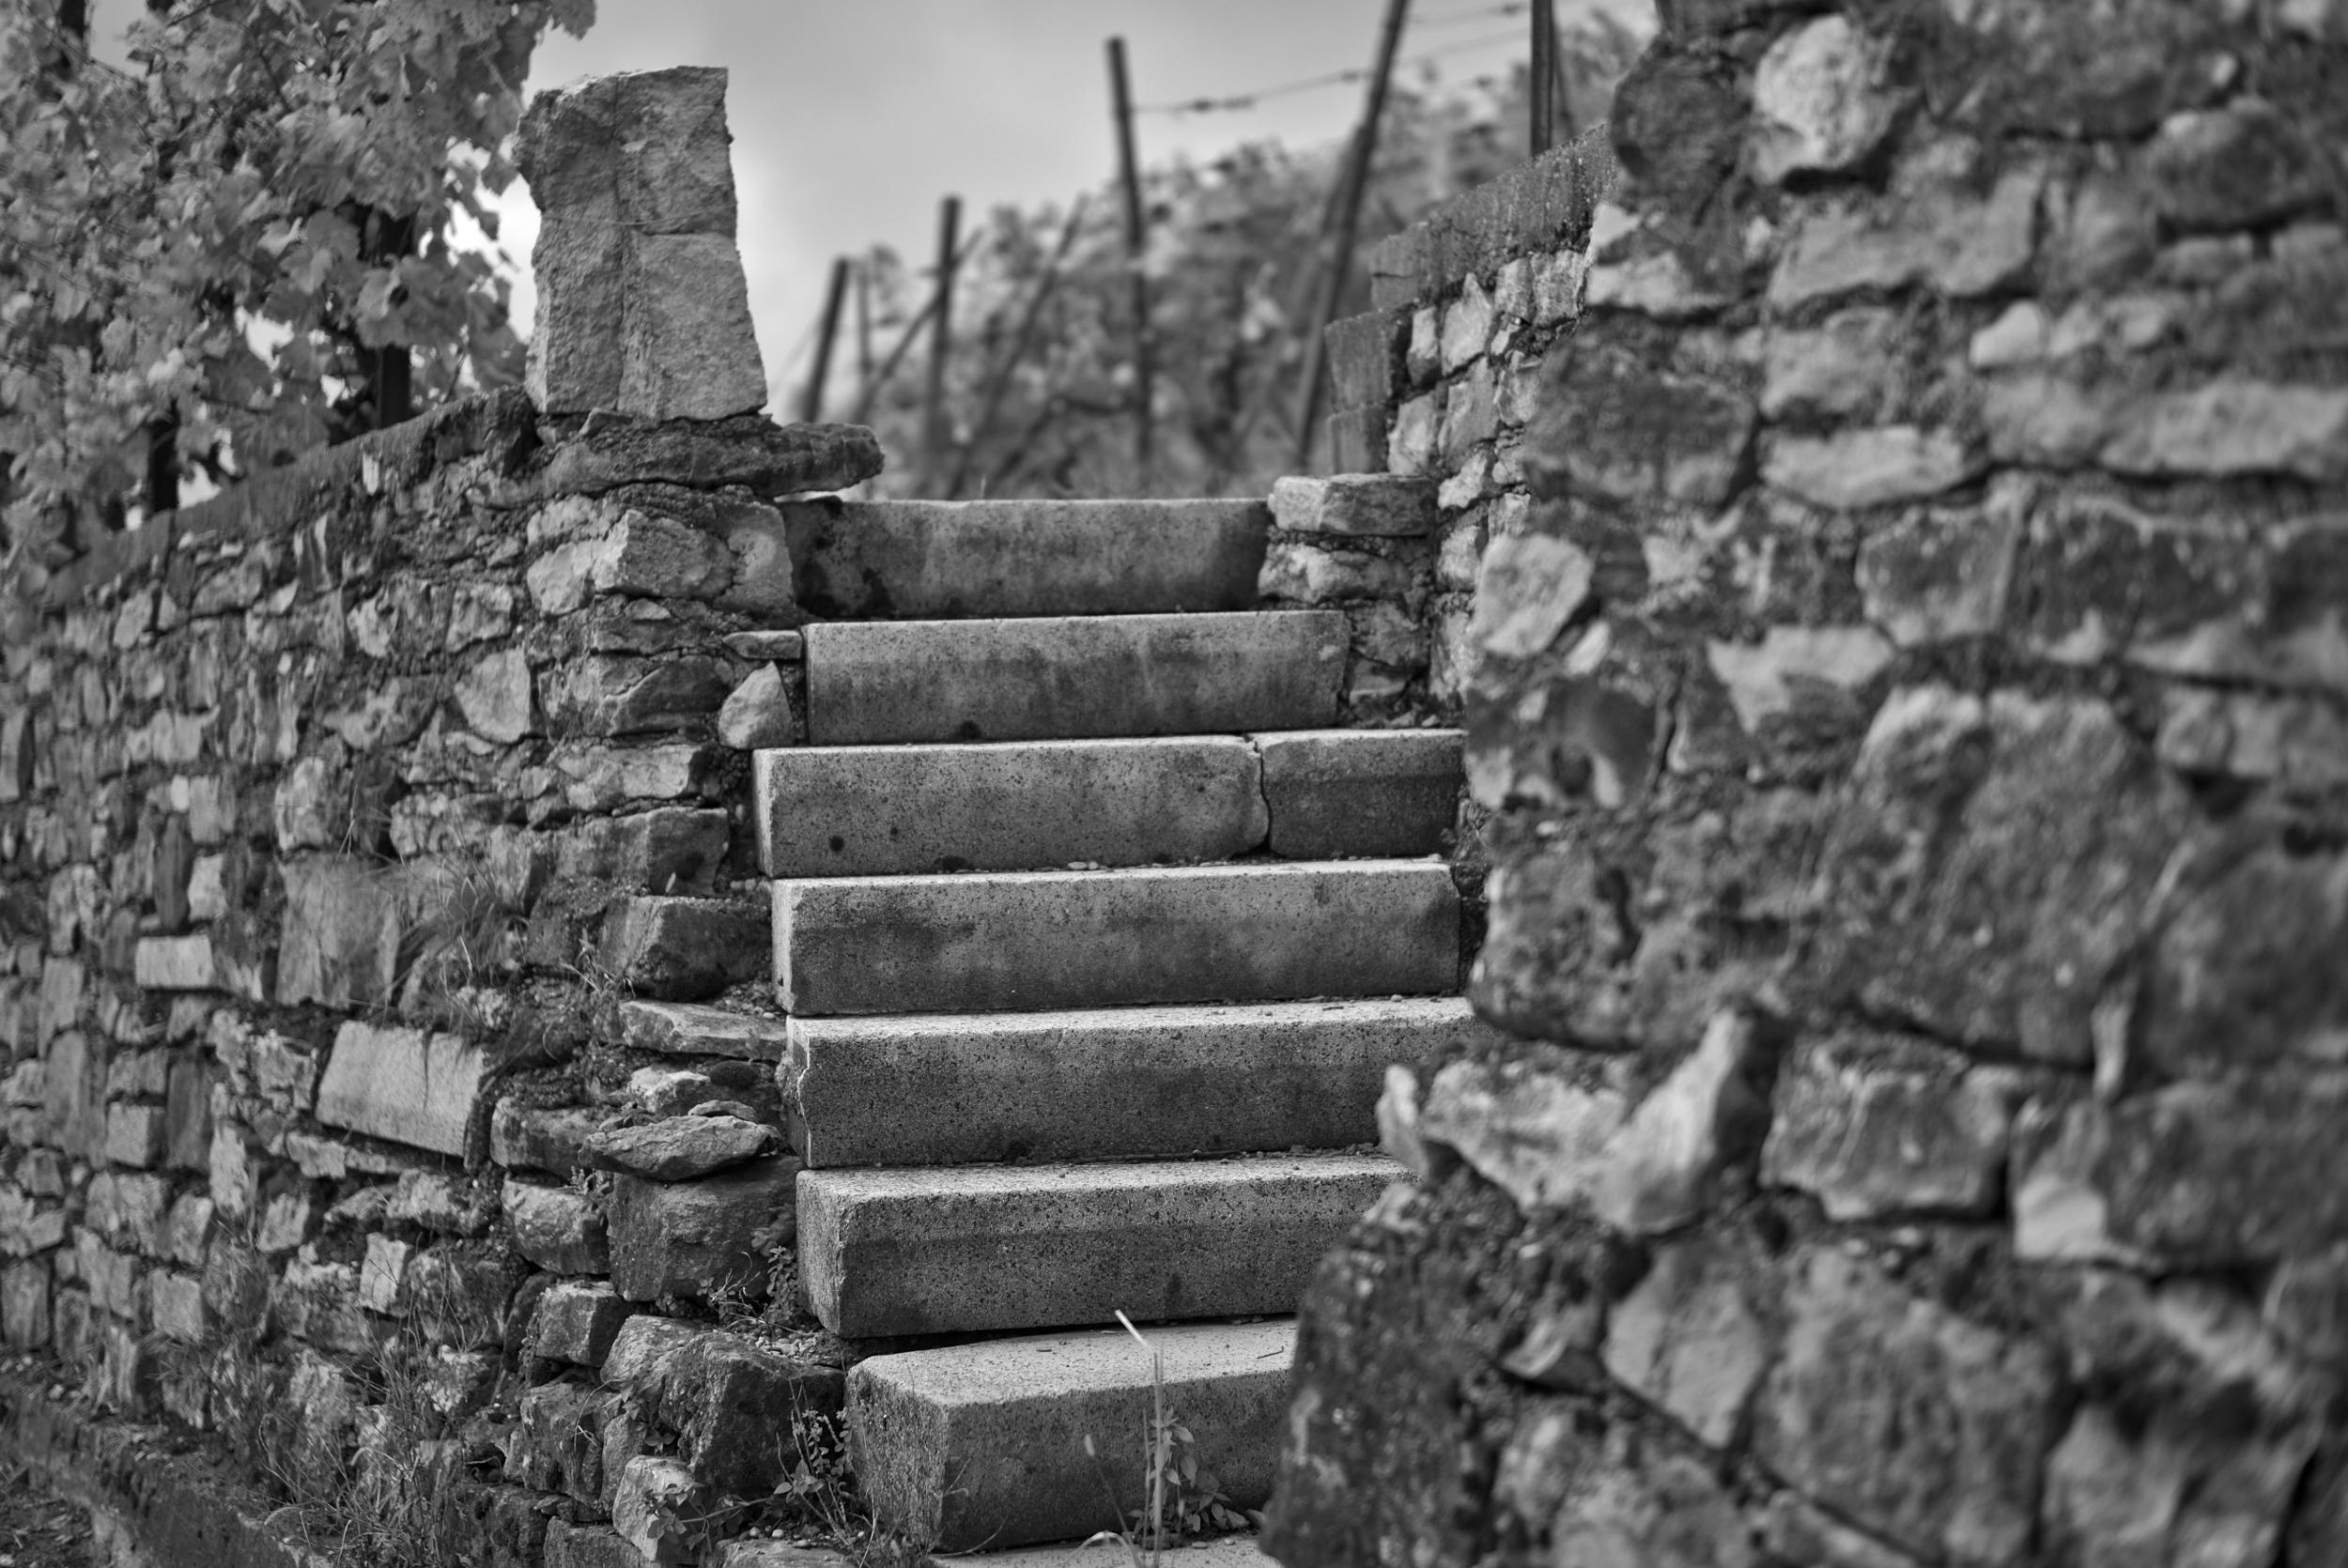 Treppe zum wein. Fotografiert mit Leica M und Summilux-M @ f/1.4.